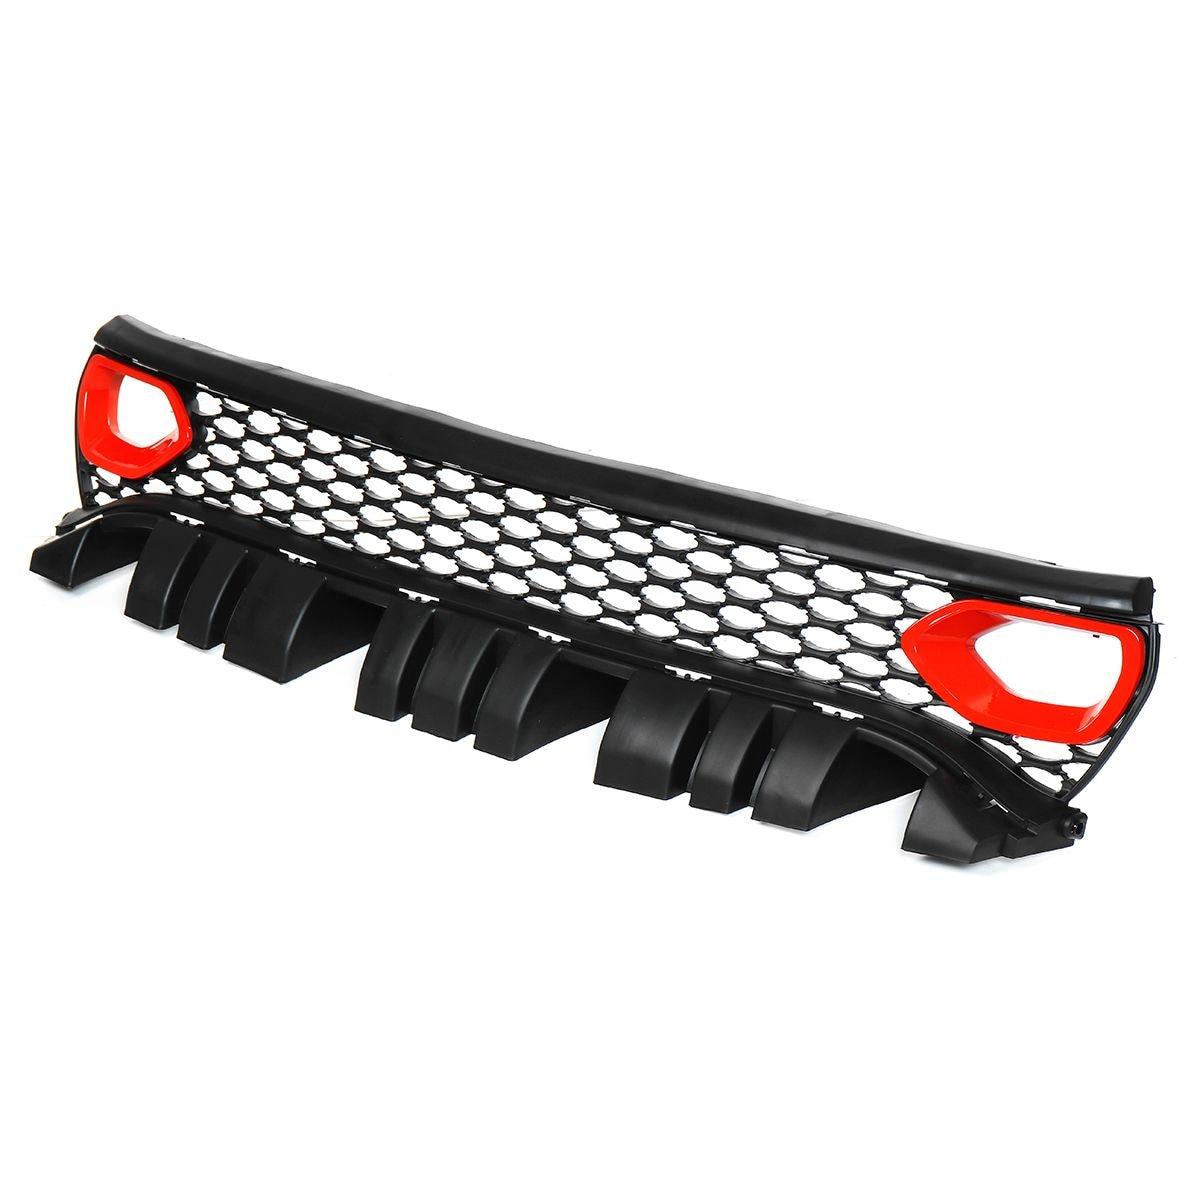 Упаковка стиль SRT/Scat гриль автомобильный передний бампер сетка решетка верхний гриль решетка для Dodge для зарядного устройства SRT/Scat 2015 2019 - 2